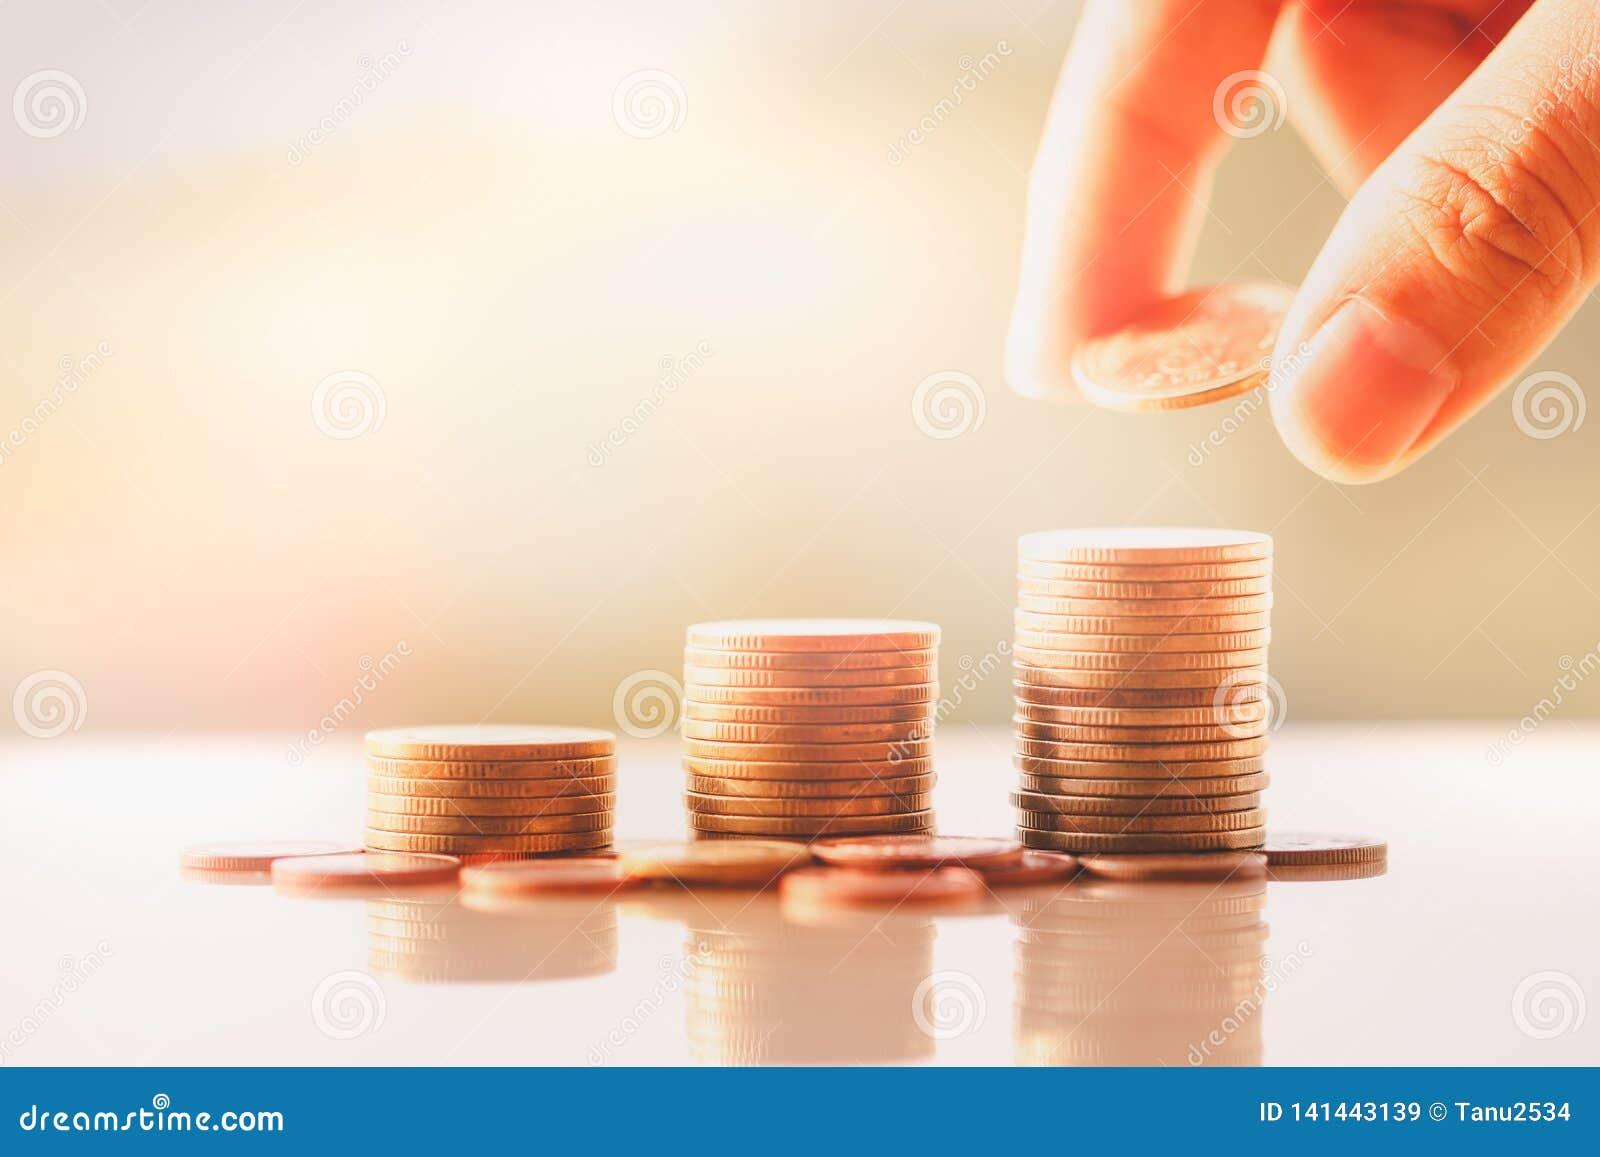 Σωρός νομισμάτων χρημάτων